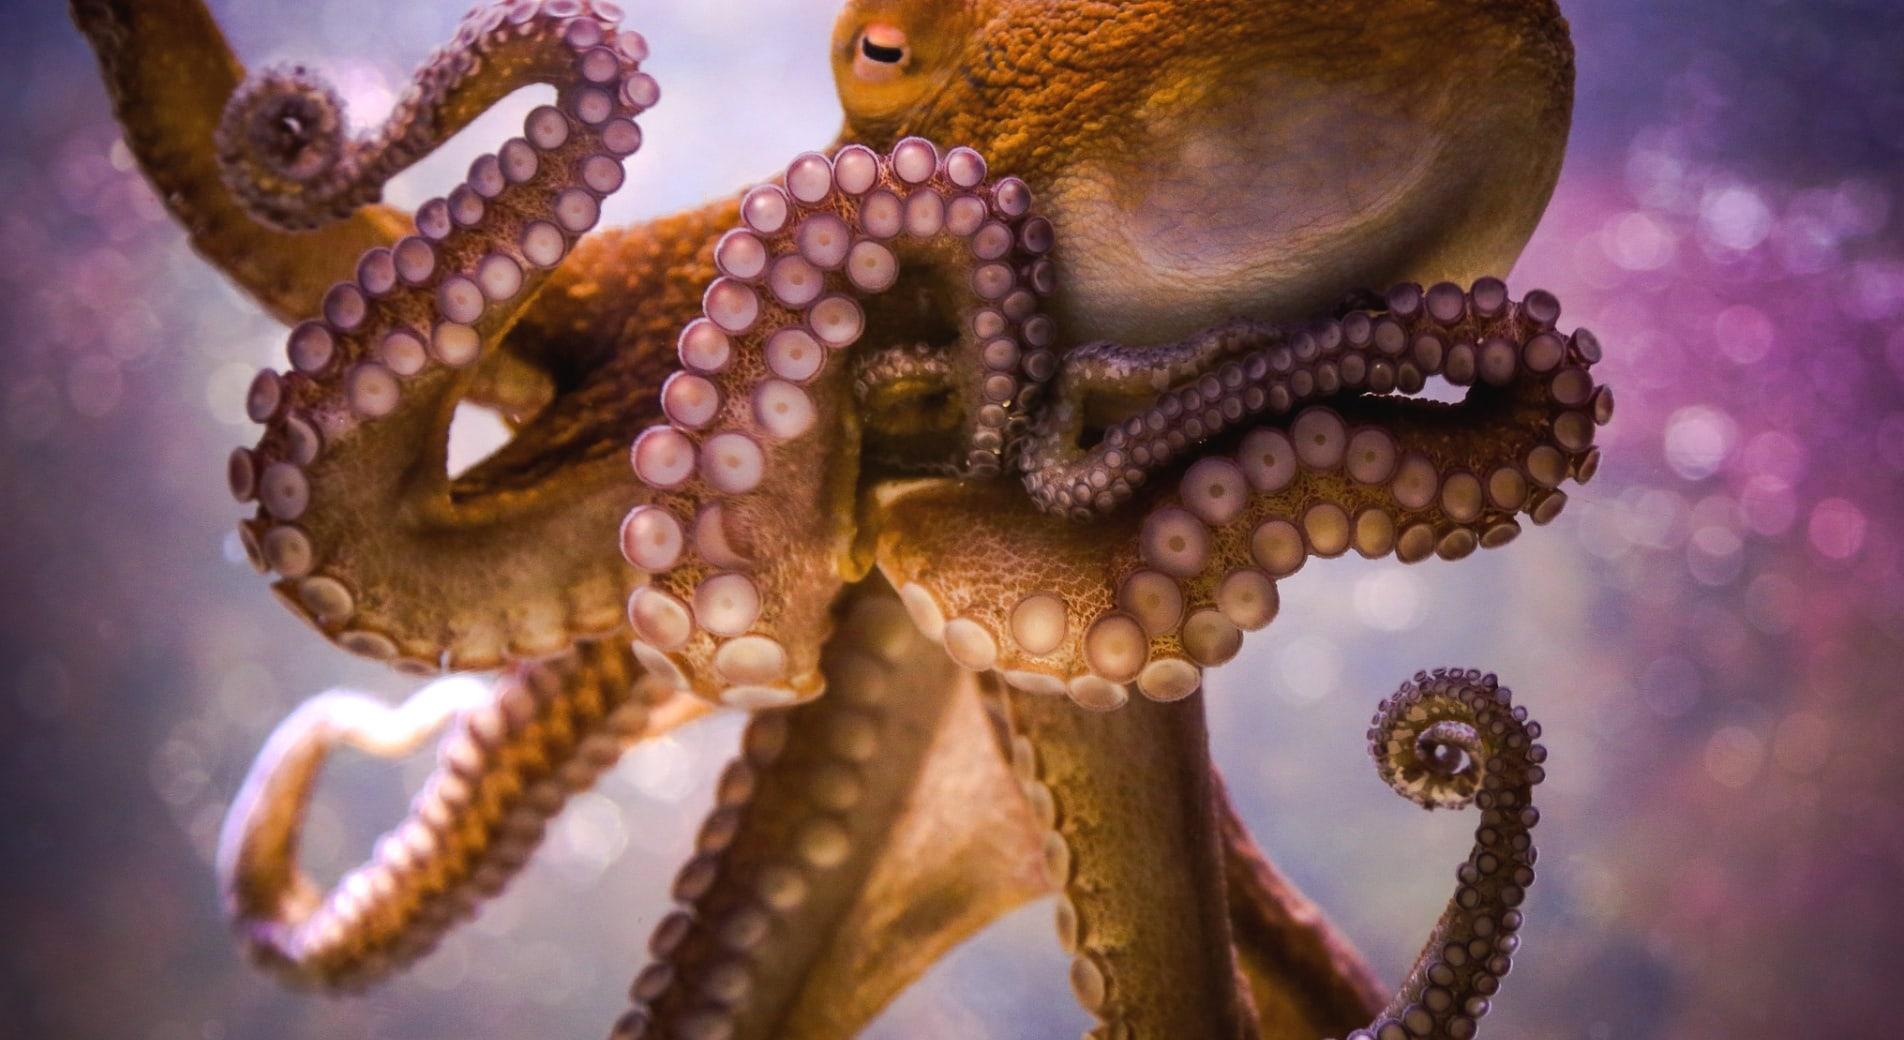 Щупальца осьминога покрыты присосками